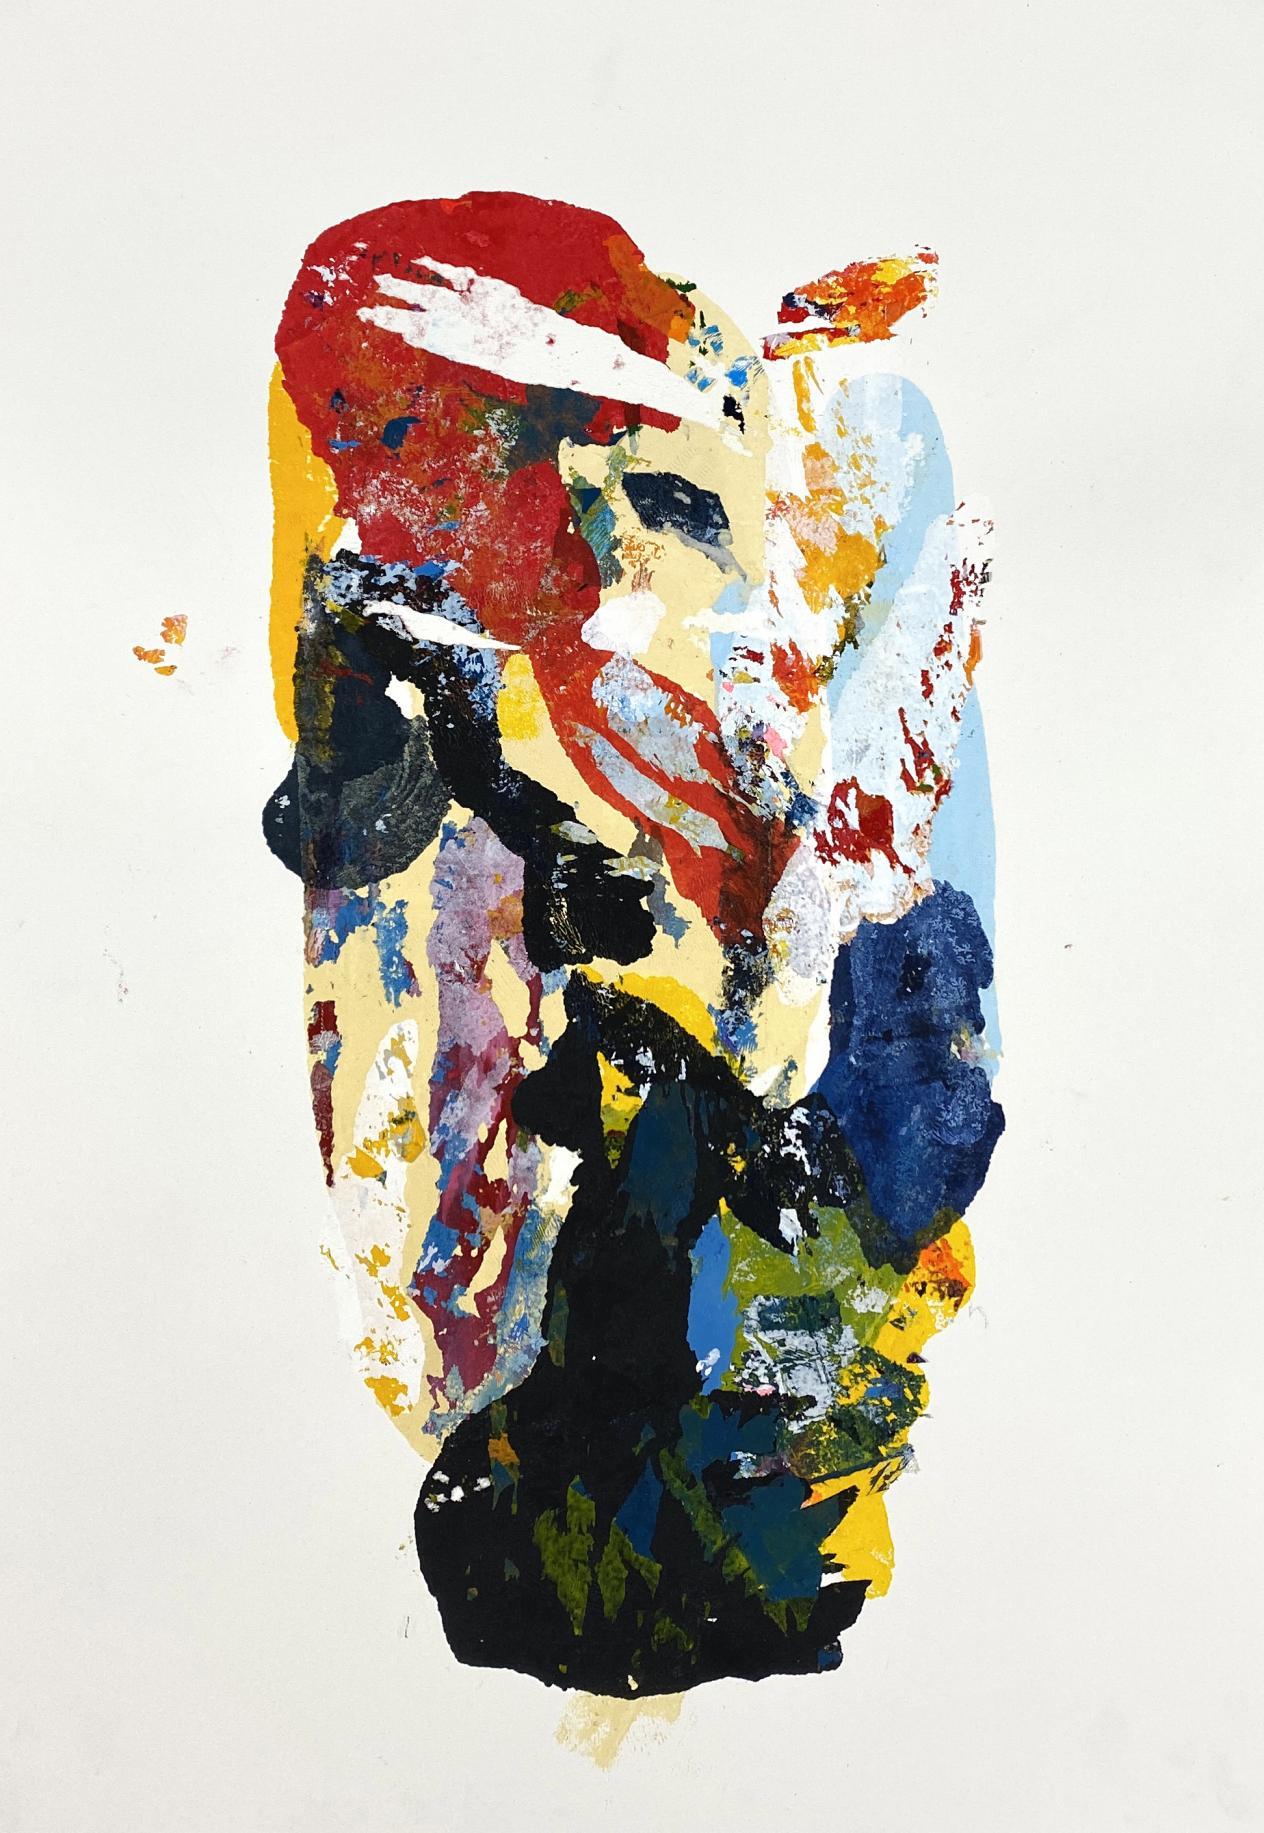 Senza titolo (2019) - Seps Ambrosio